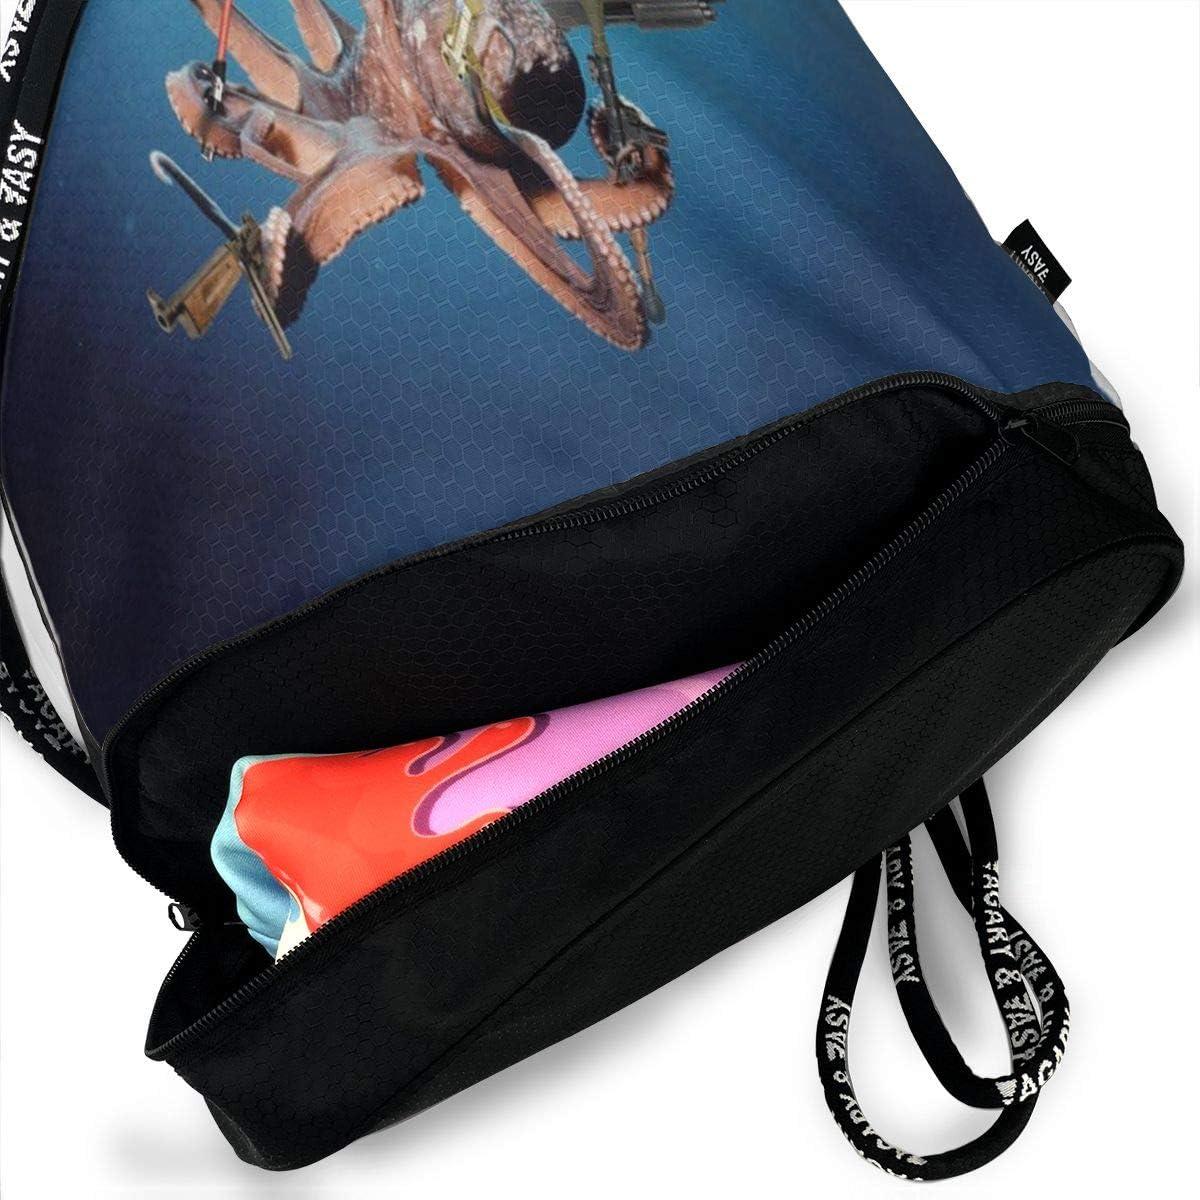 Unisex Bundle Backpack Skull Art Travel Durable Large Space Trendy Waterproof Drawstring Bag